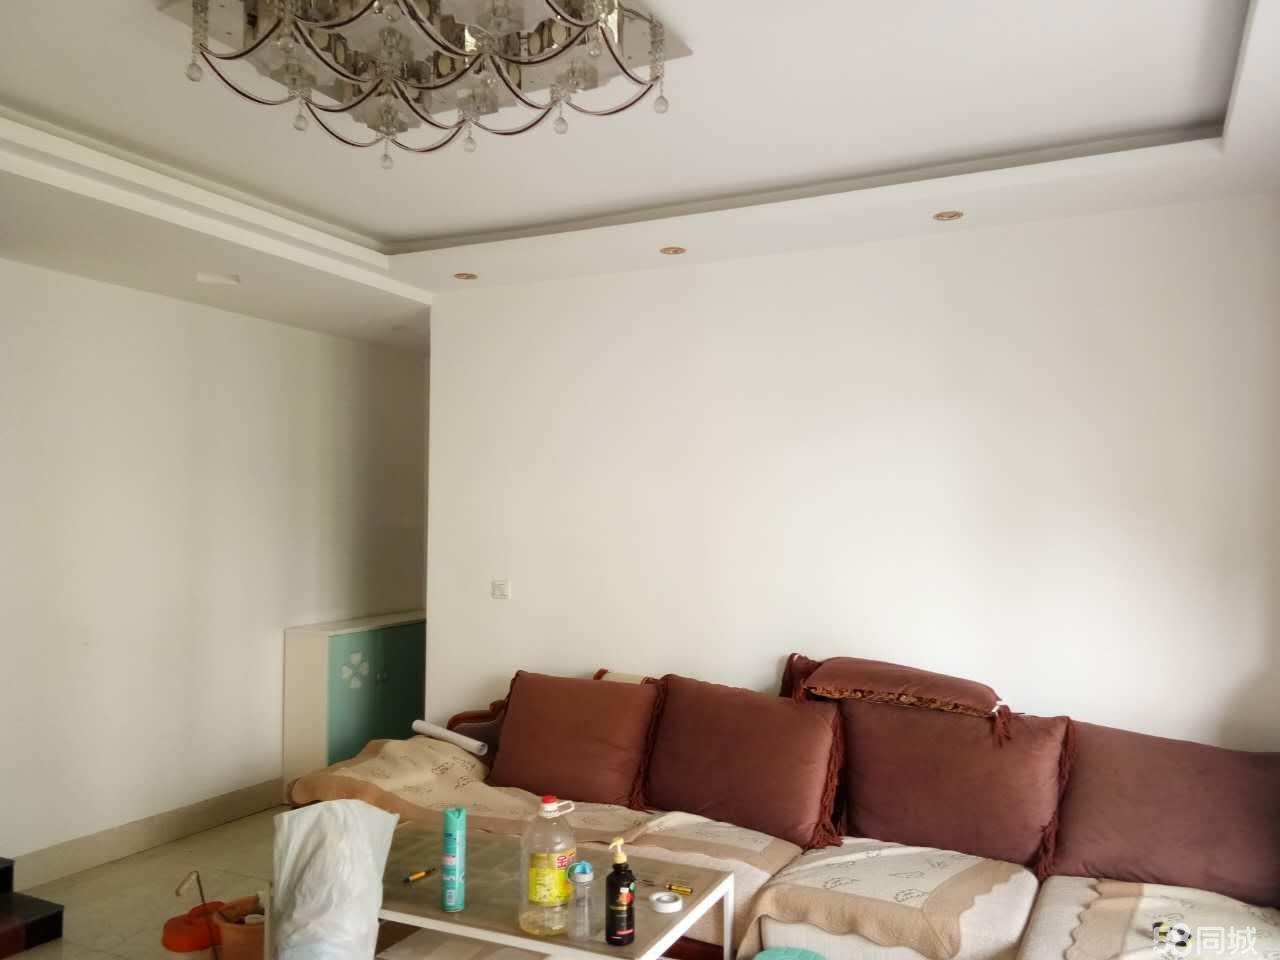 泸县河滨一号3室2厅2卫106�O住房出售!